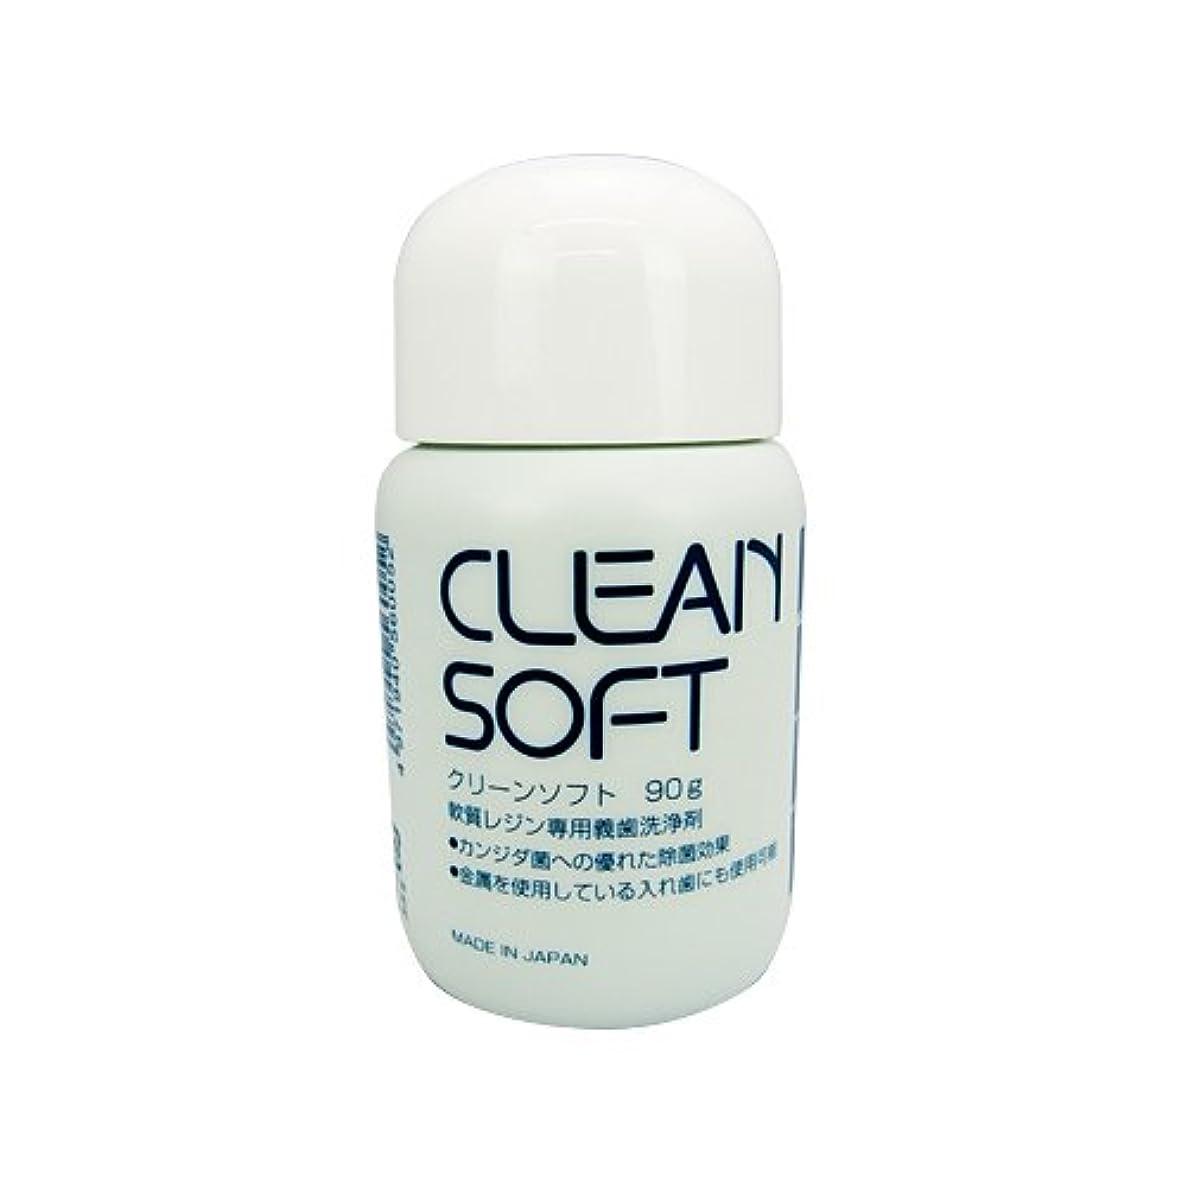 立ち向かう風味カメミズ クリーンソフト 義歯洗浄剤 90g × 1個